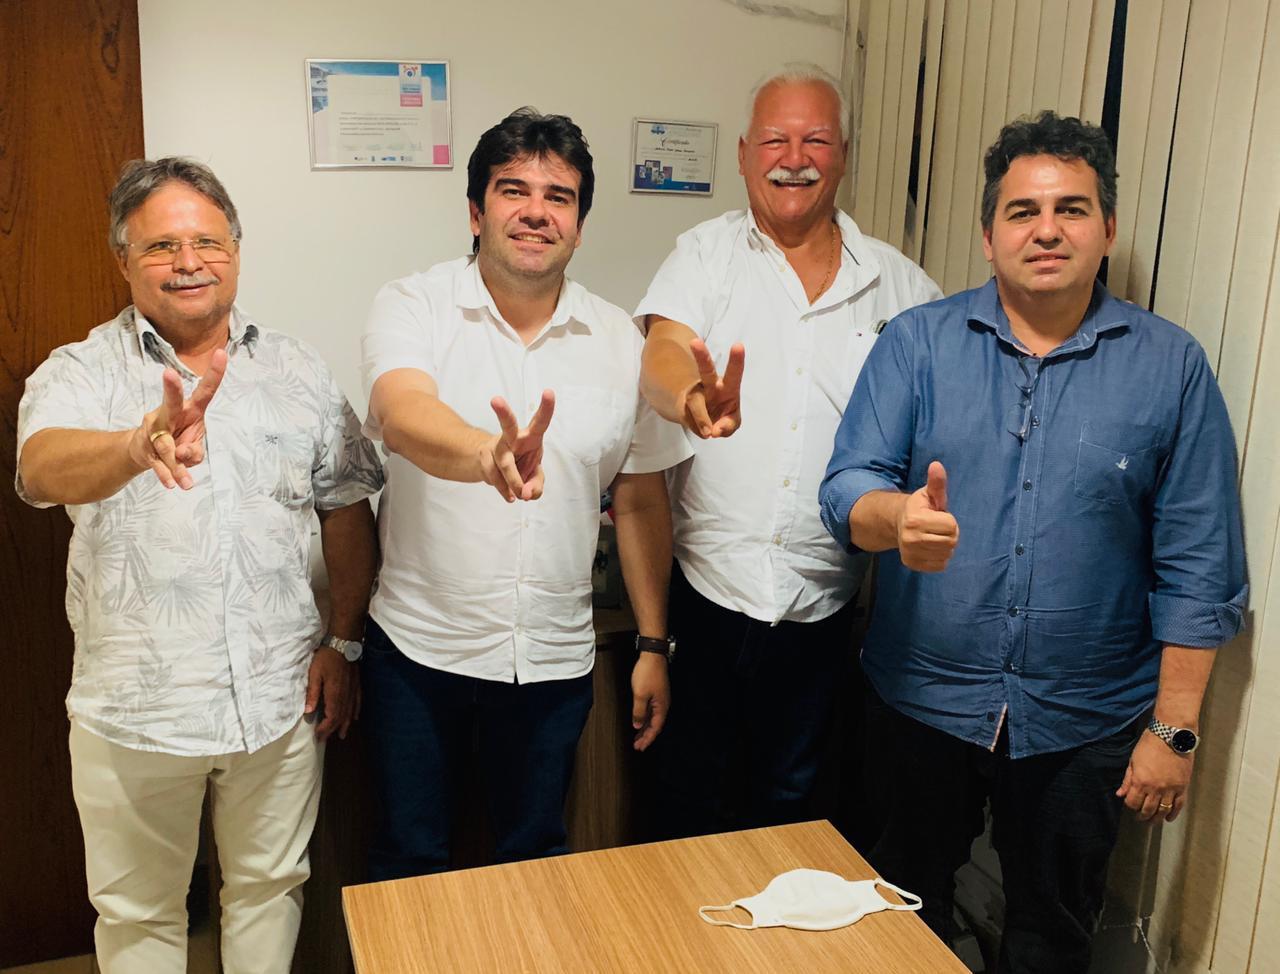 c3da4670 74ce 456d 28e9 673575c04995 - Eduardo Carneiro recebe apoio dos ex-vereadores de João Pessoa Benilton Lucena e José Bezerra